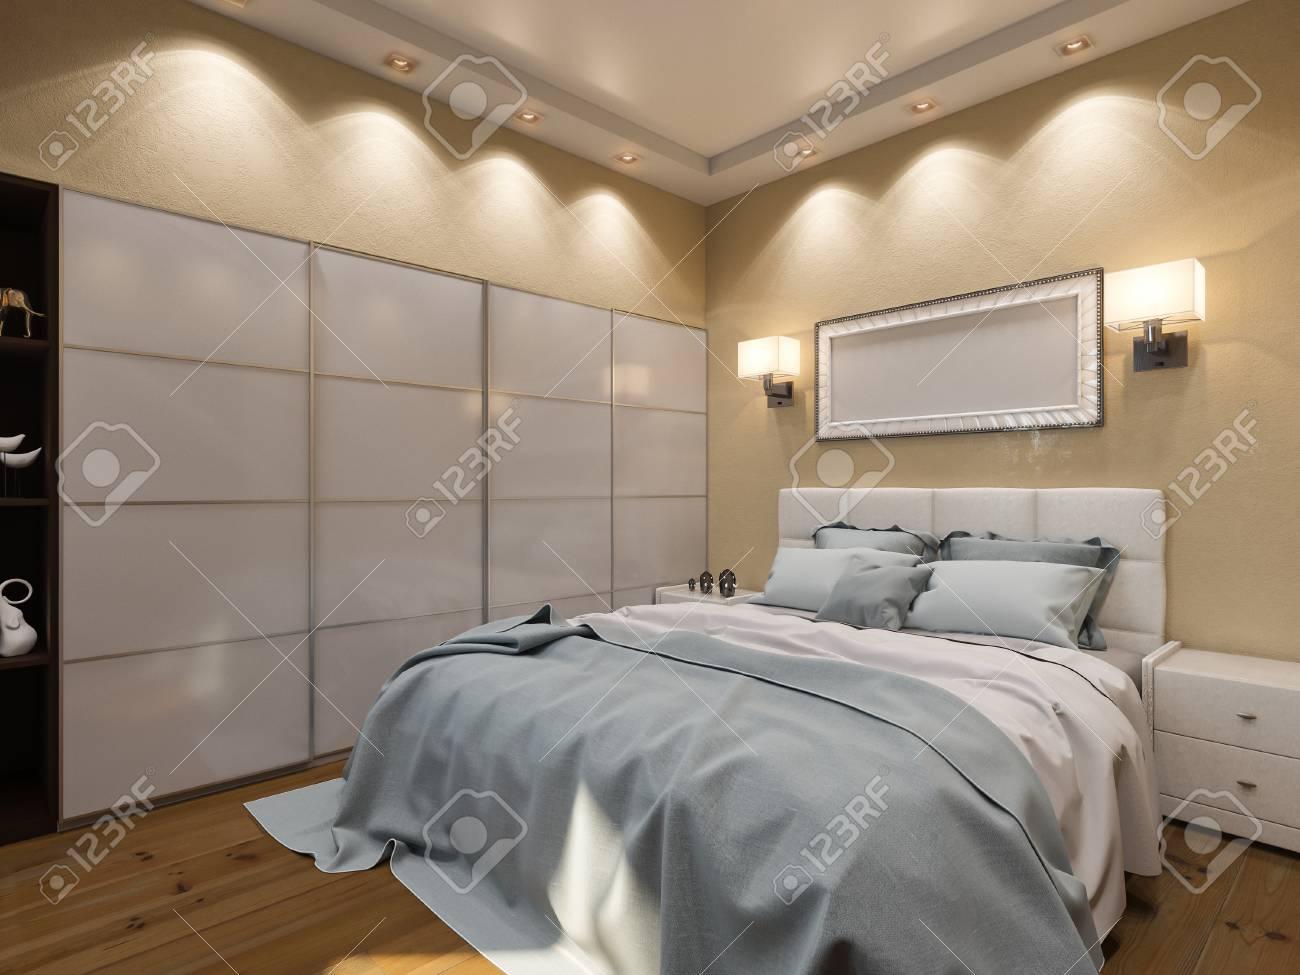 3d rendu de la conception intérieure d & # 39 ; une chambre dans la couleur  beige beige